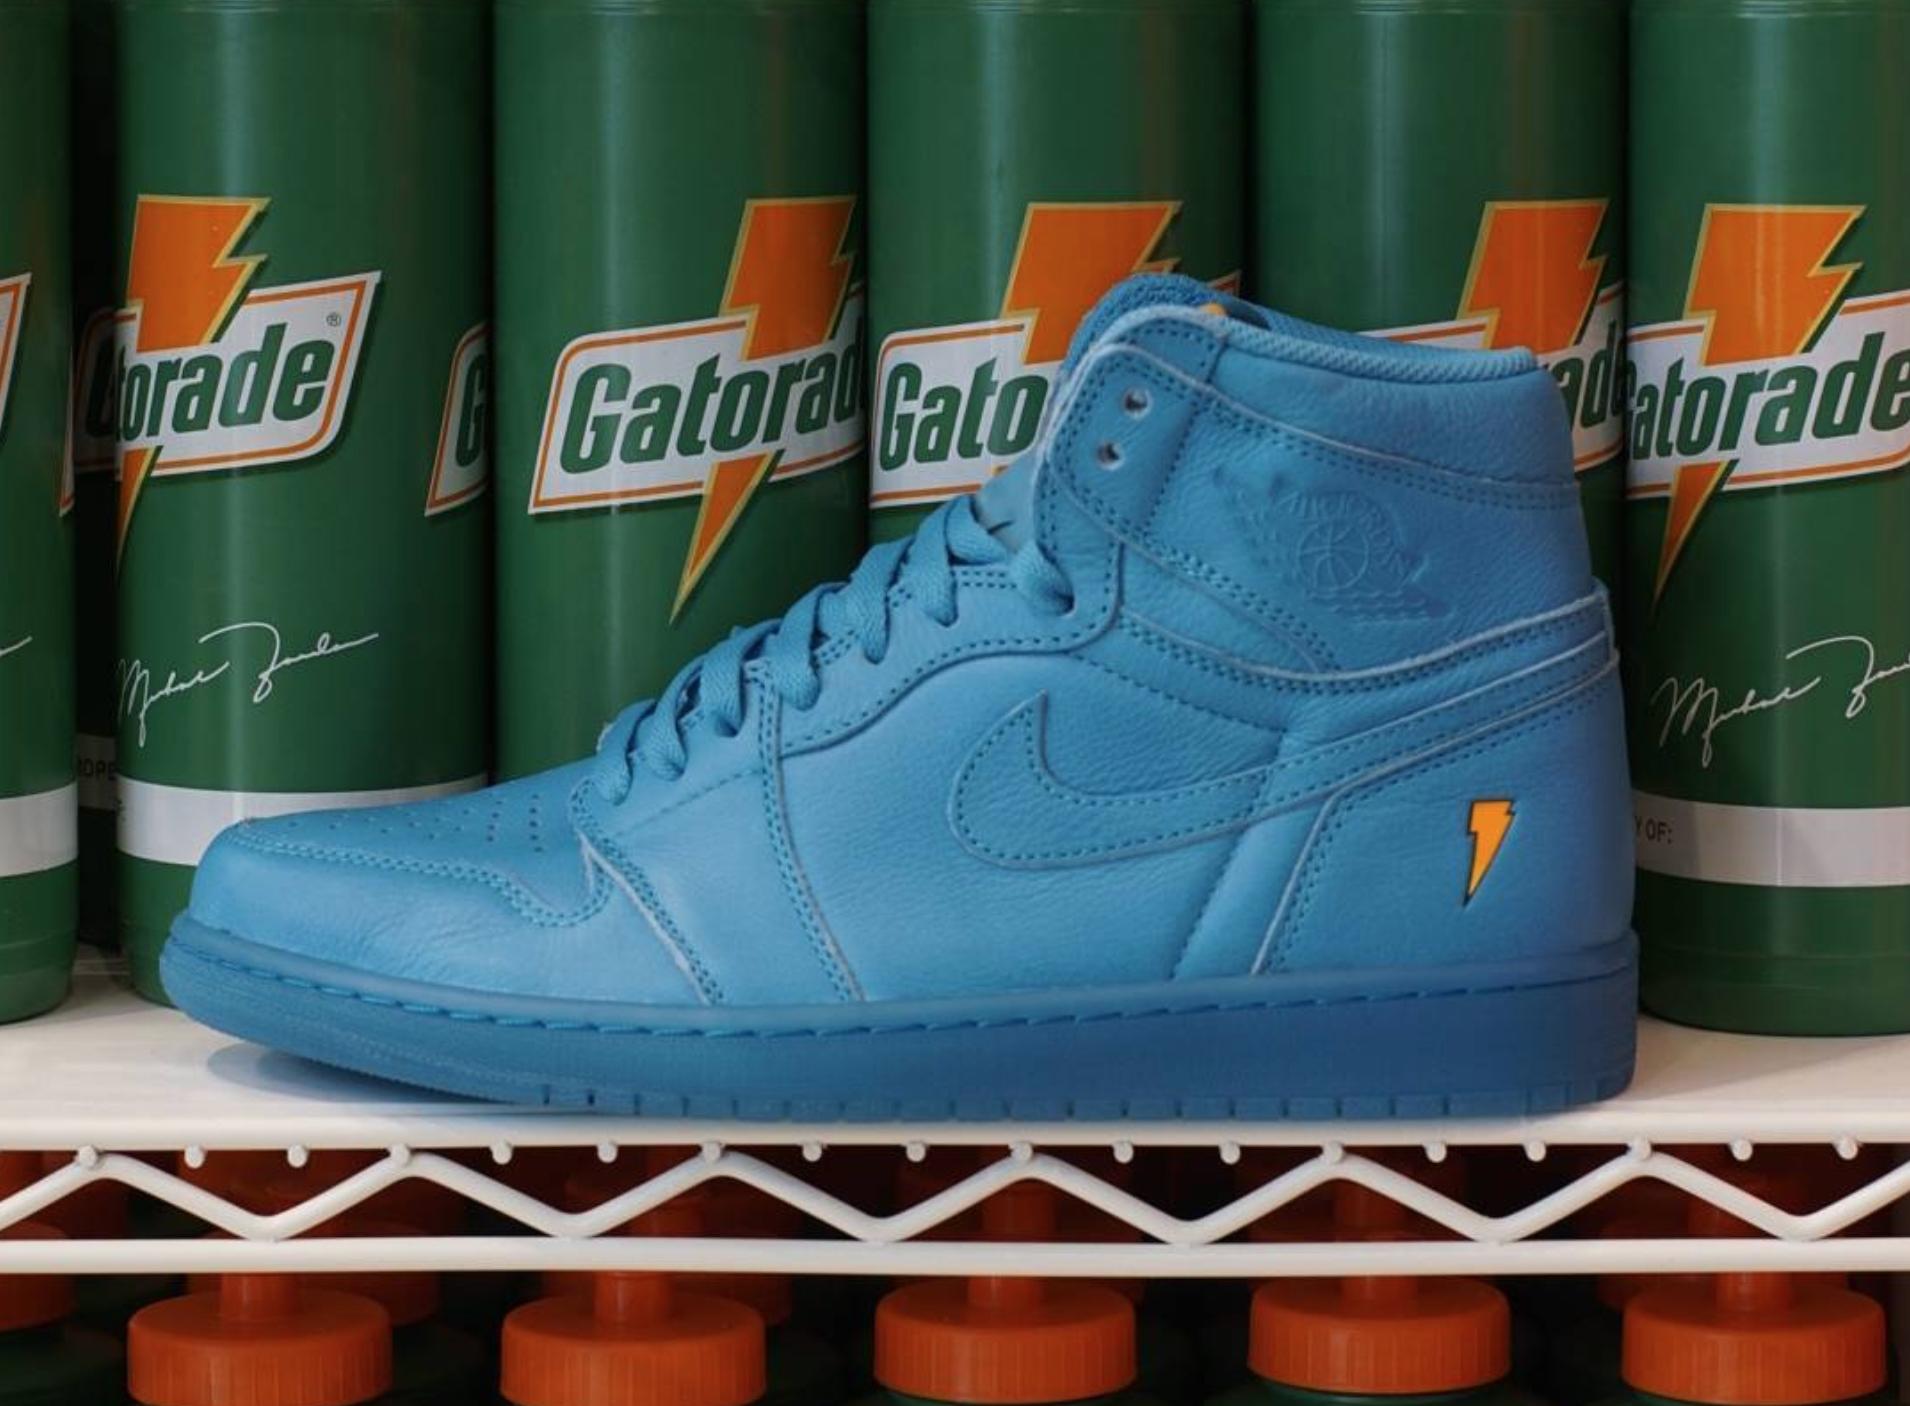 Gatorade Air Jordan 1 'Like Mike' Pack